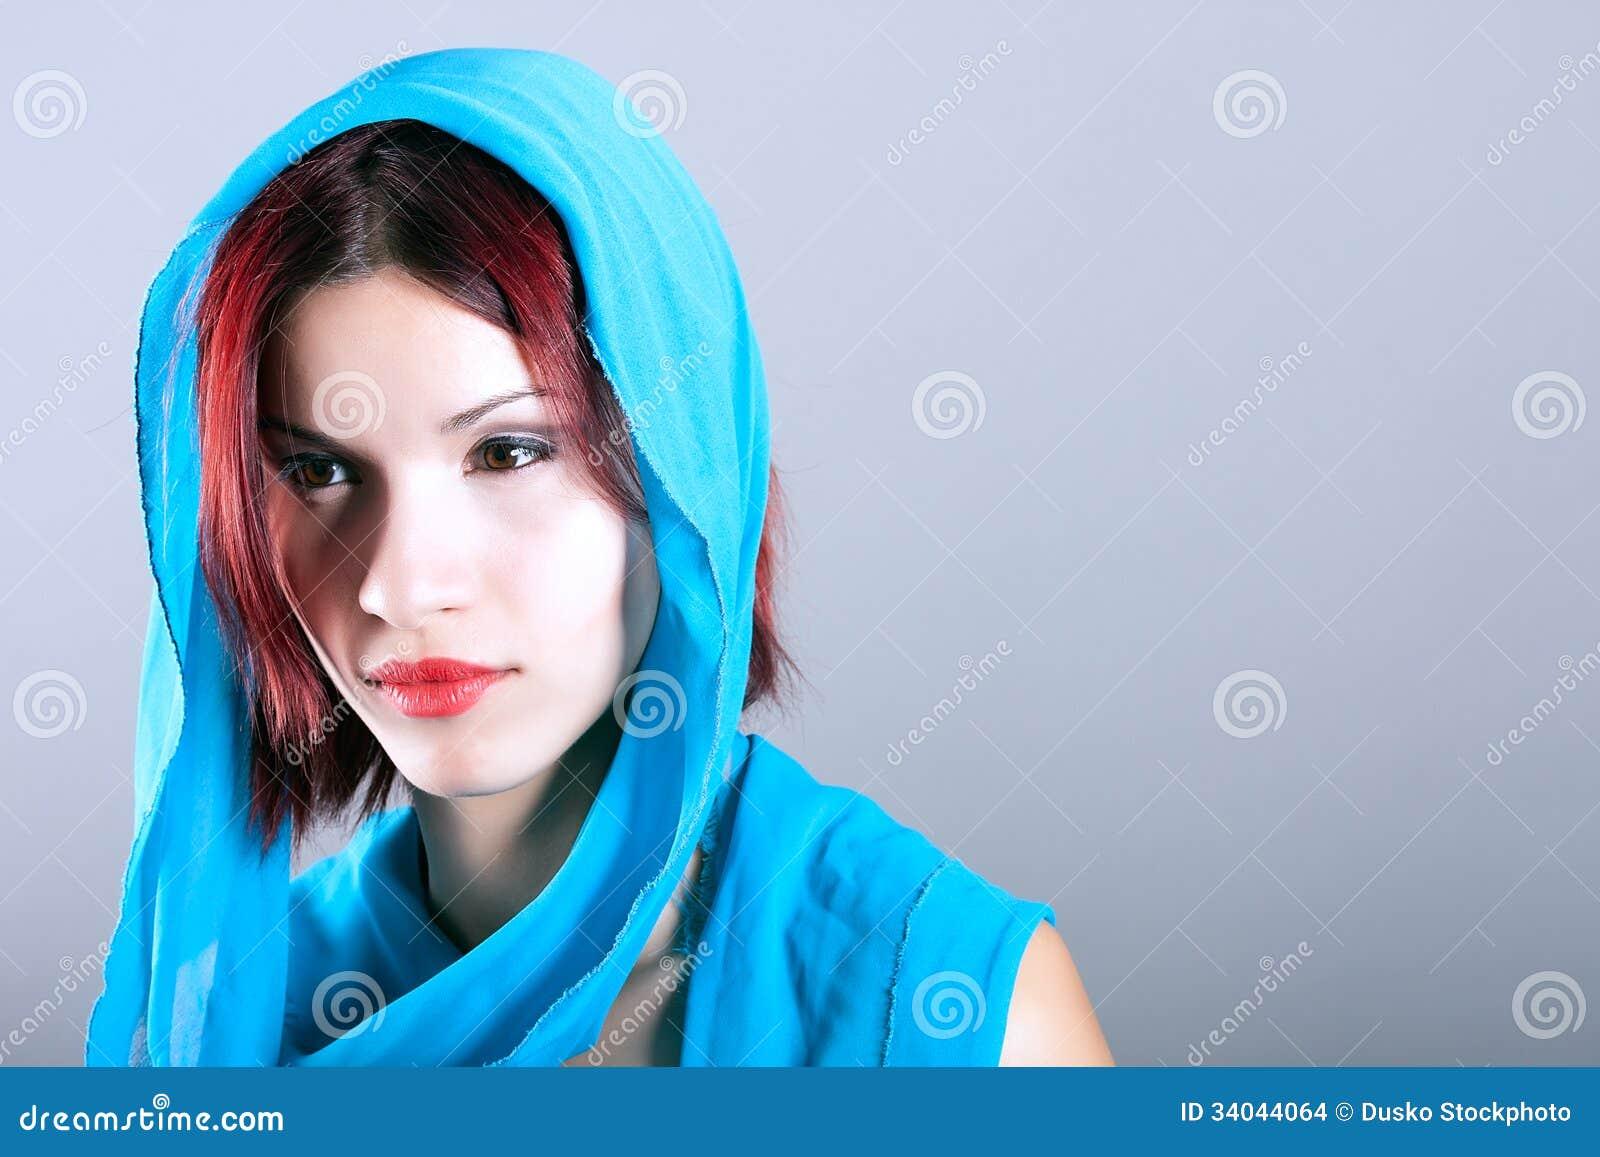 Junge Arabische Frau, Wenn Islamischer Schal Getragen Wird